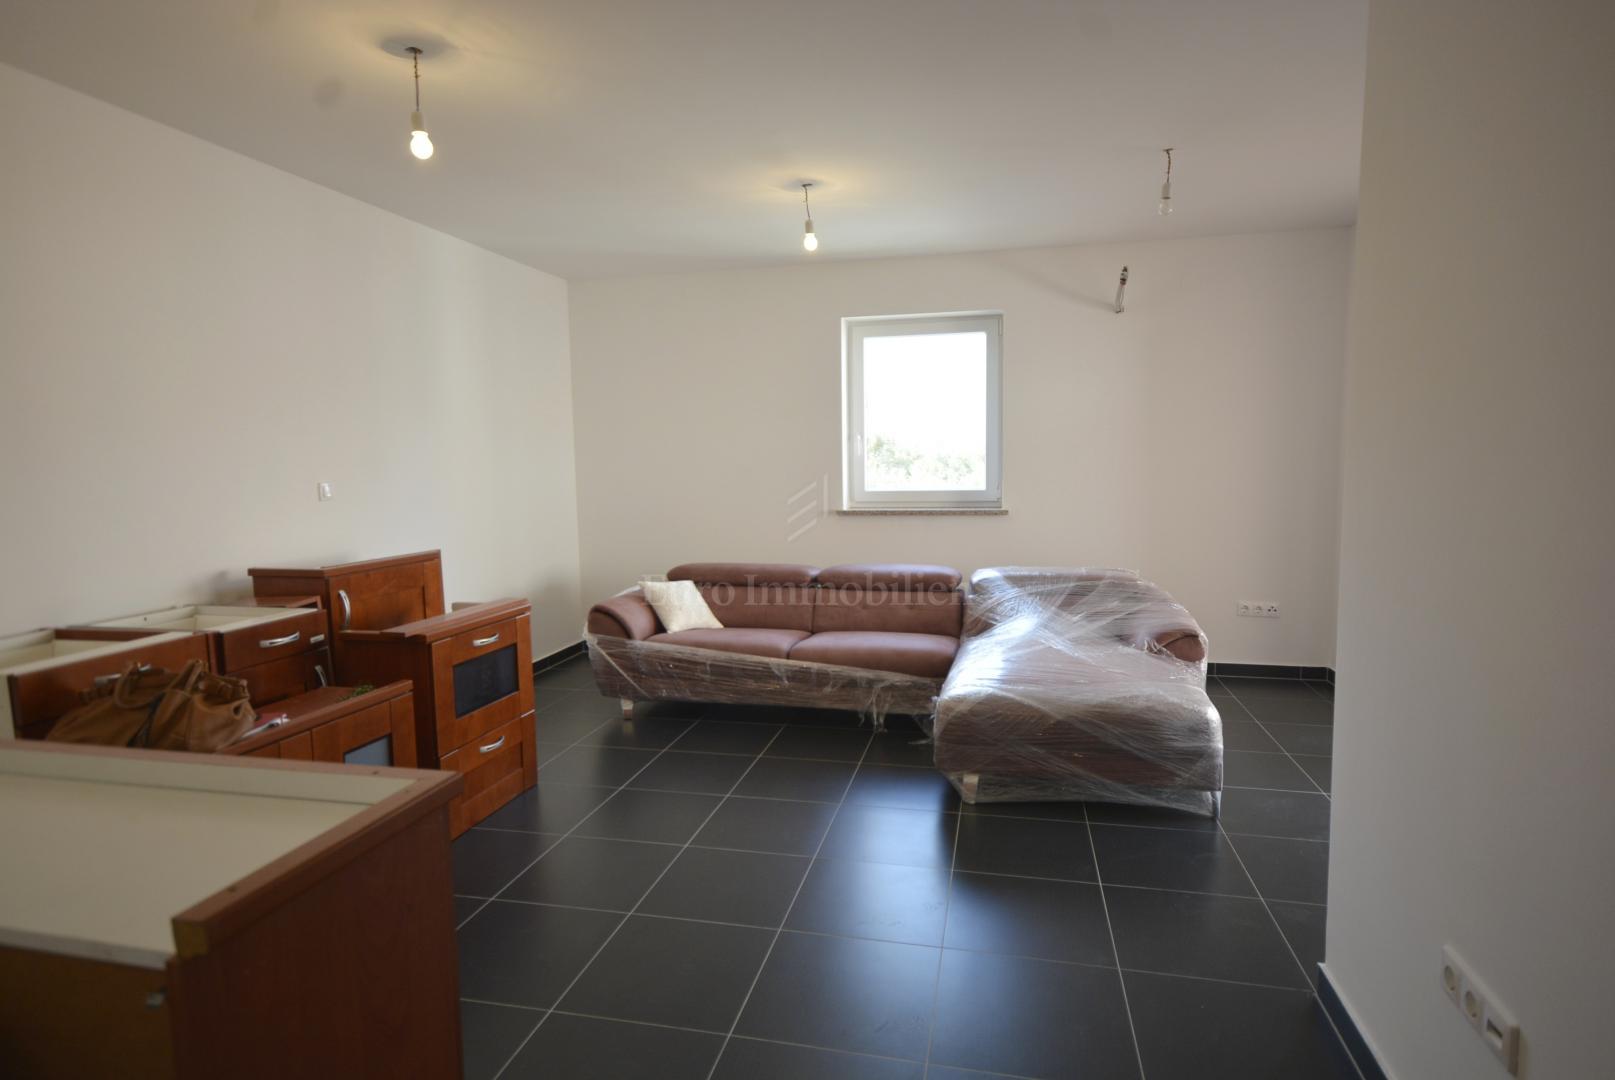 Appartamento non usato con due camere da letto al primo ...